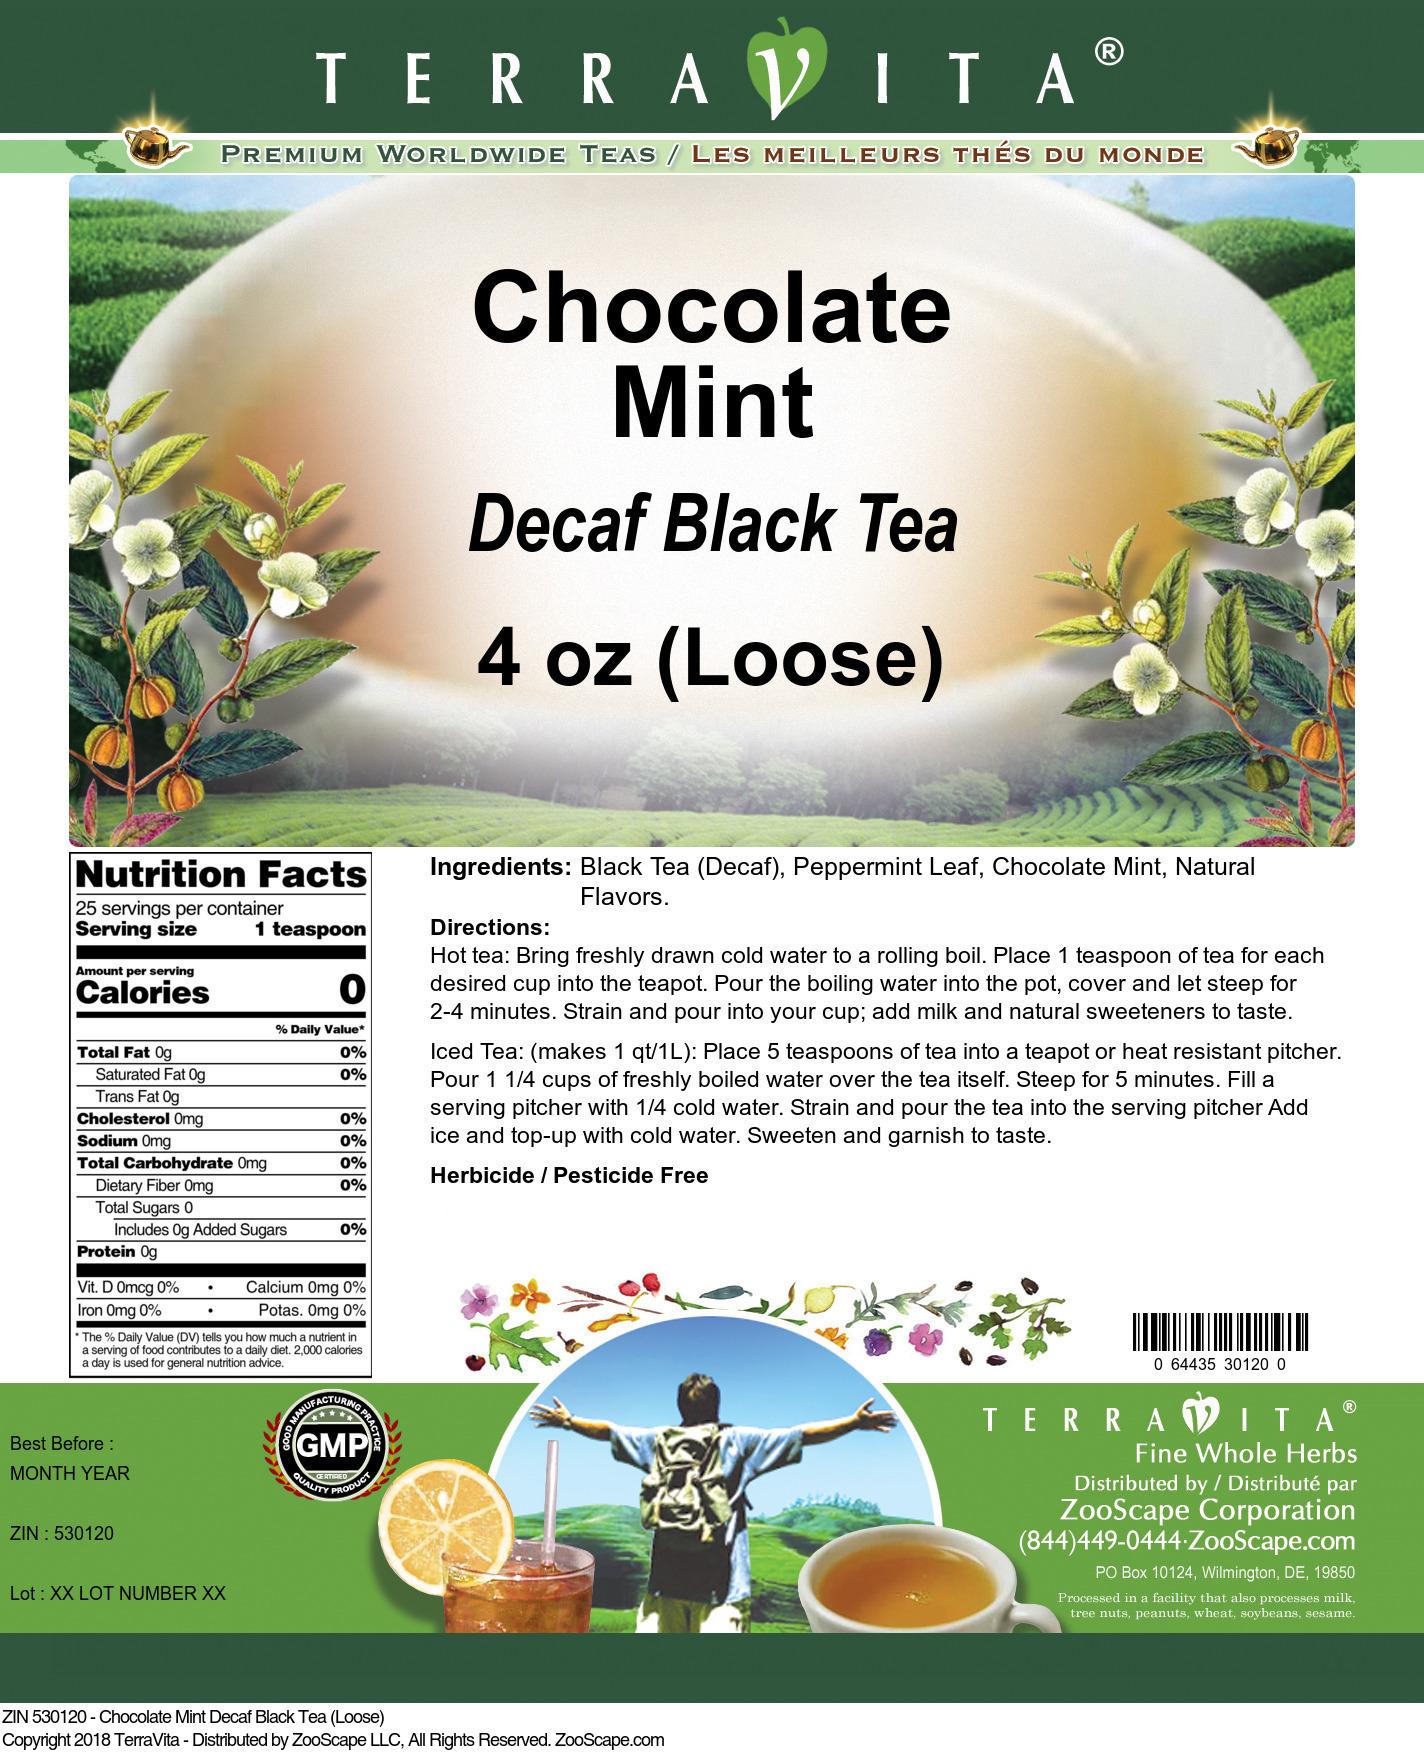 Chocolate Mint Decaf Black Tea (Loose)